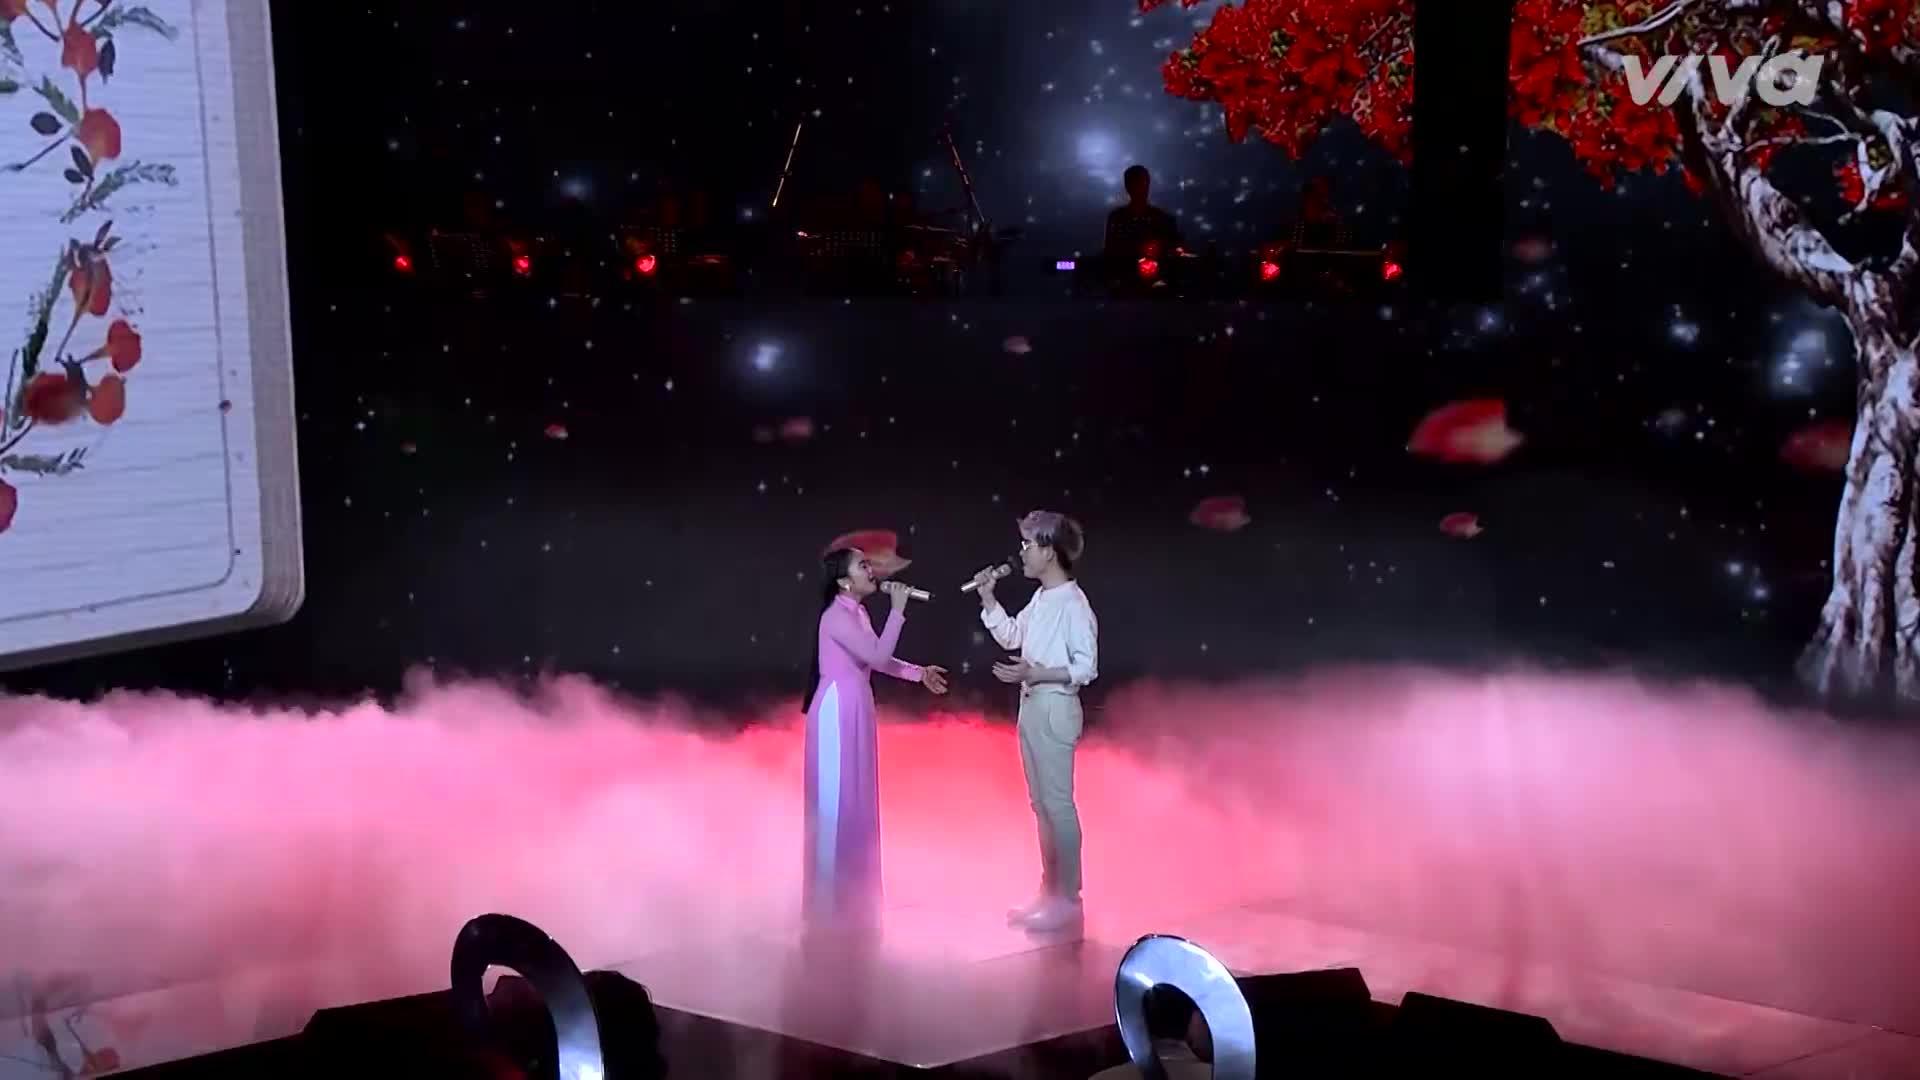 Tập 13 Cặp đôi hoàn hảo: Đức Phúc song ca cùng Thiện Nhân, Hòa Minzy tái hợp Hoàng Ngọc Sơn